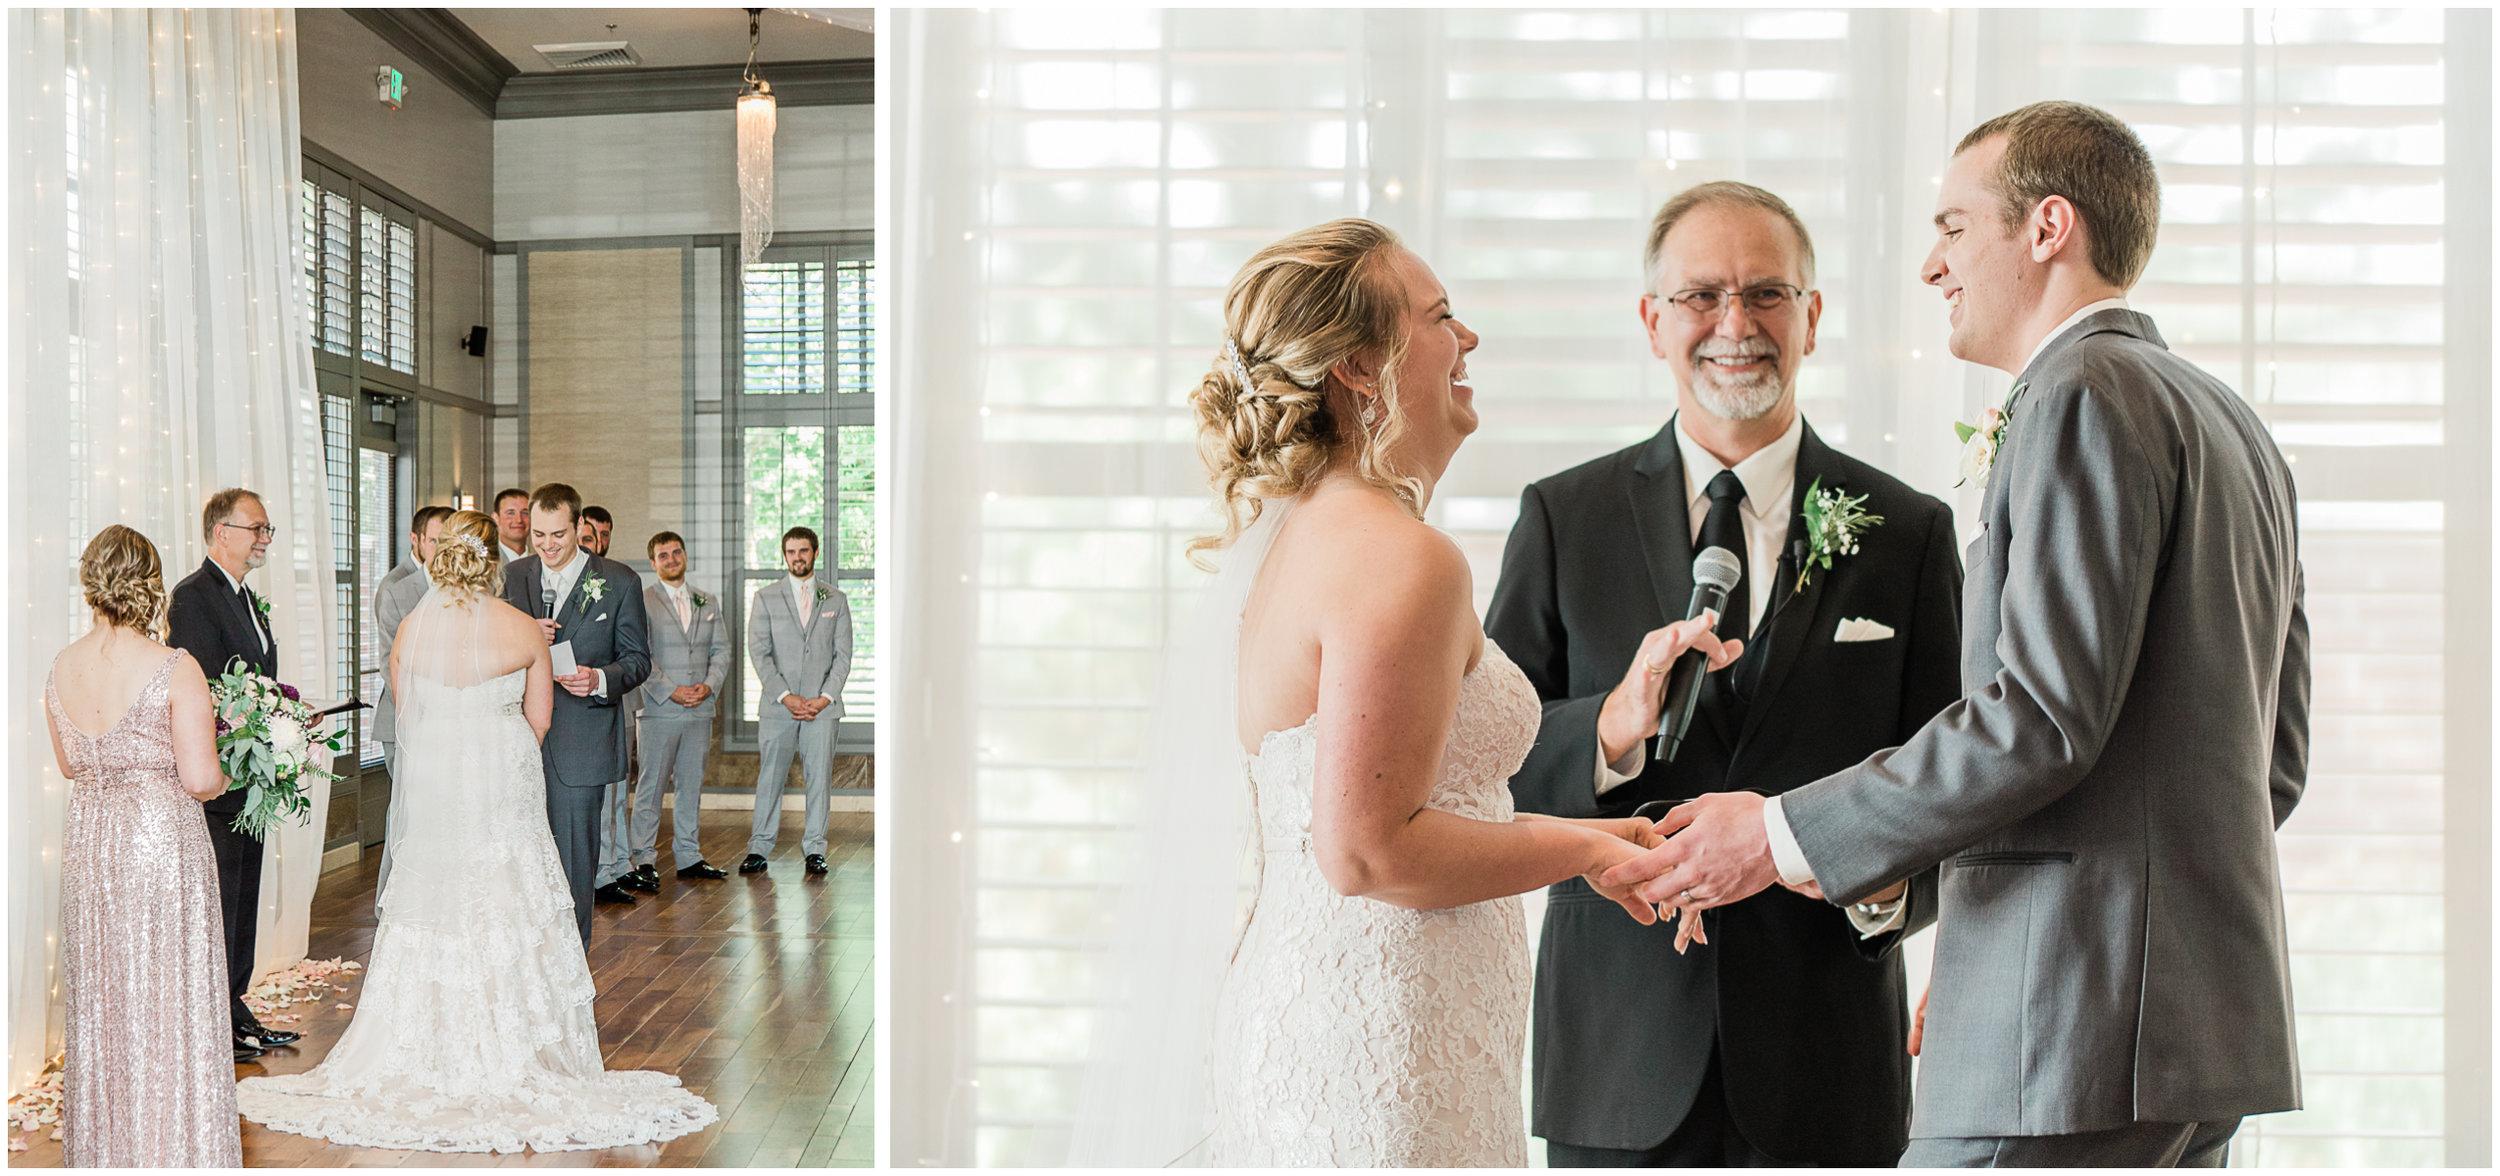 minocqua-wisconsin-wedding-photographer-rhinelander-eagle-river-senior-photography-engagement-family-woodruf32.jpg